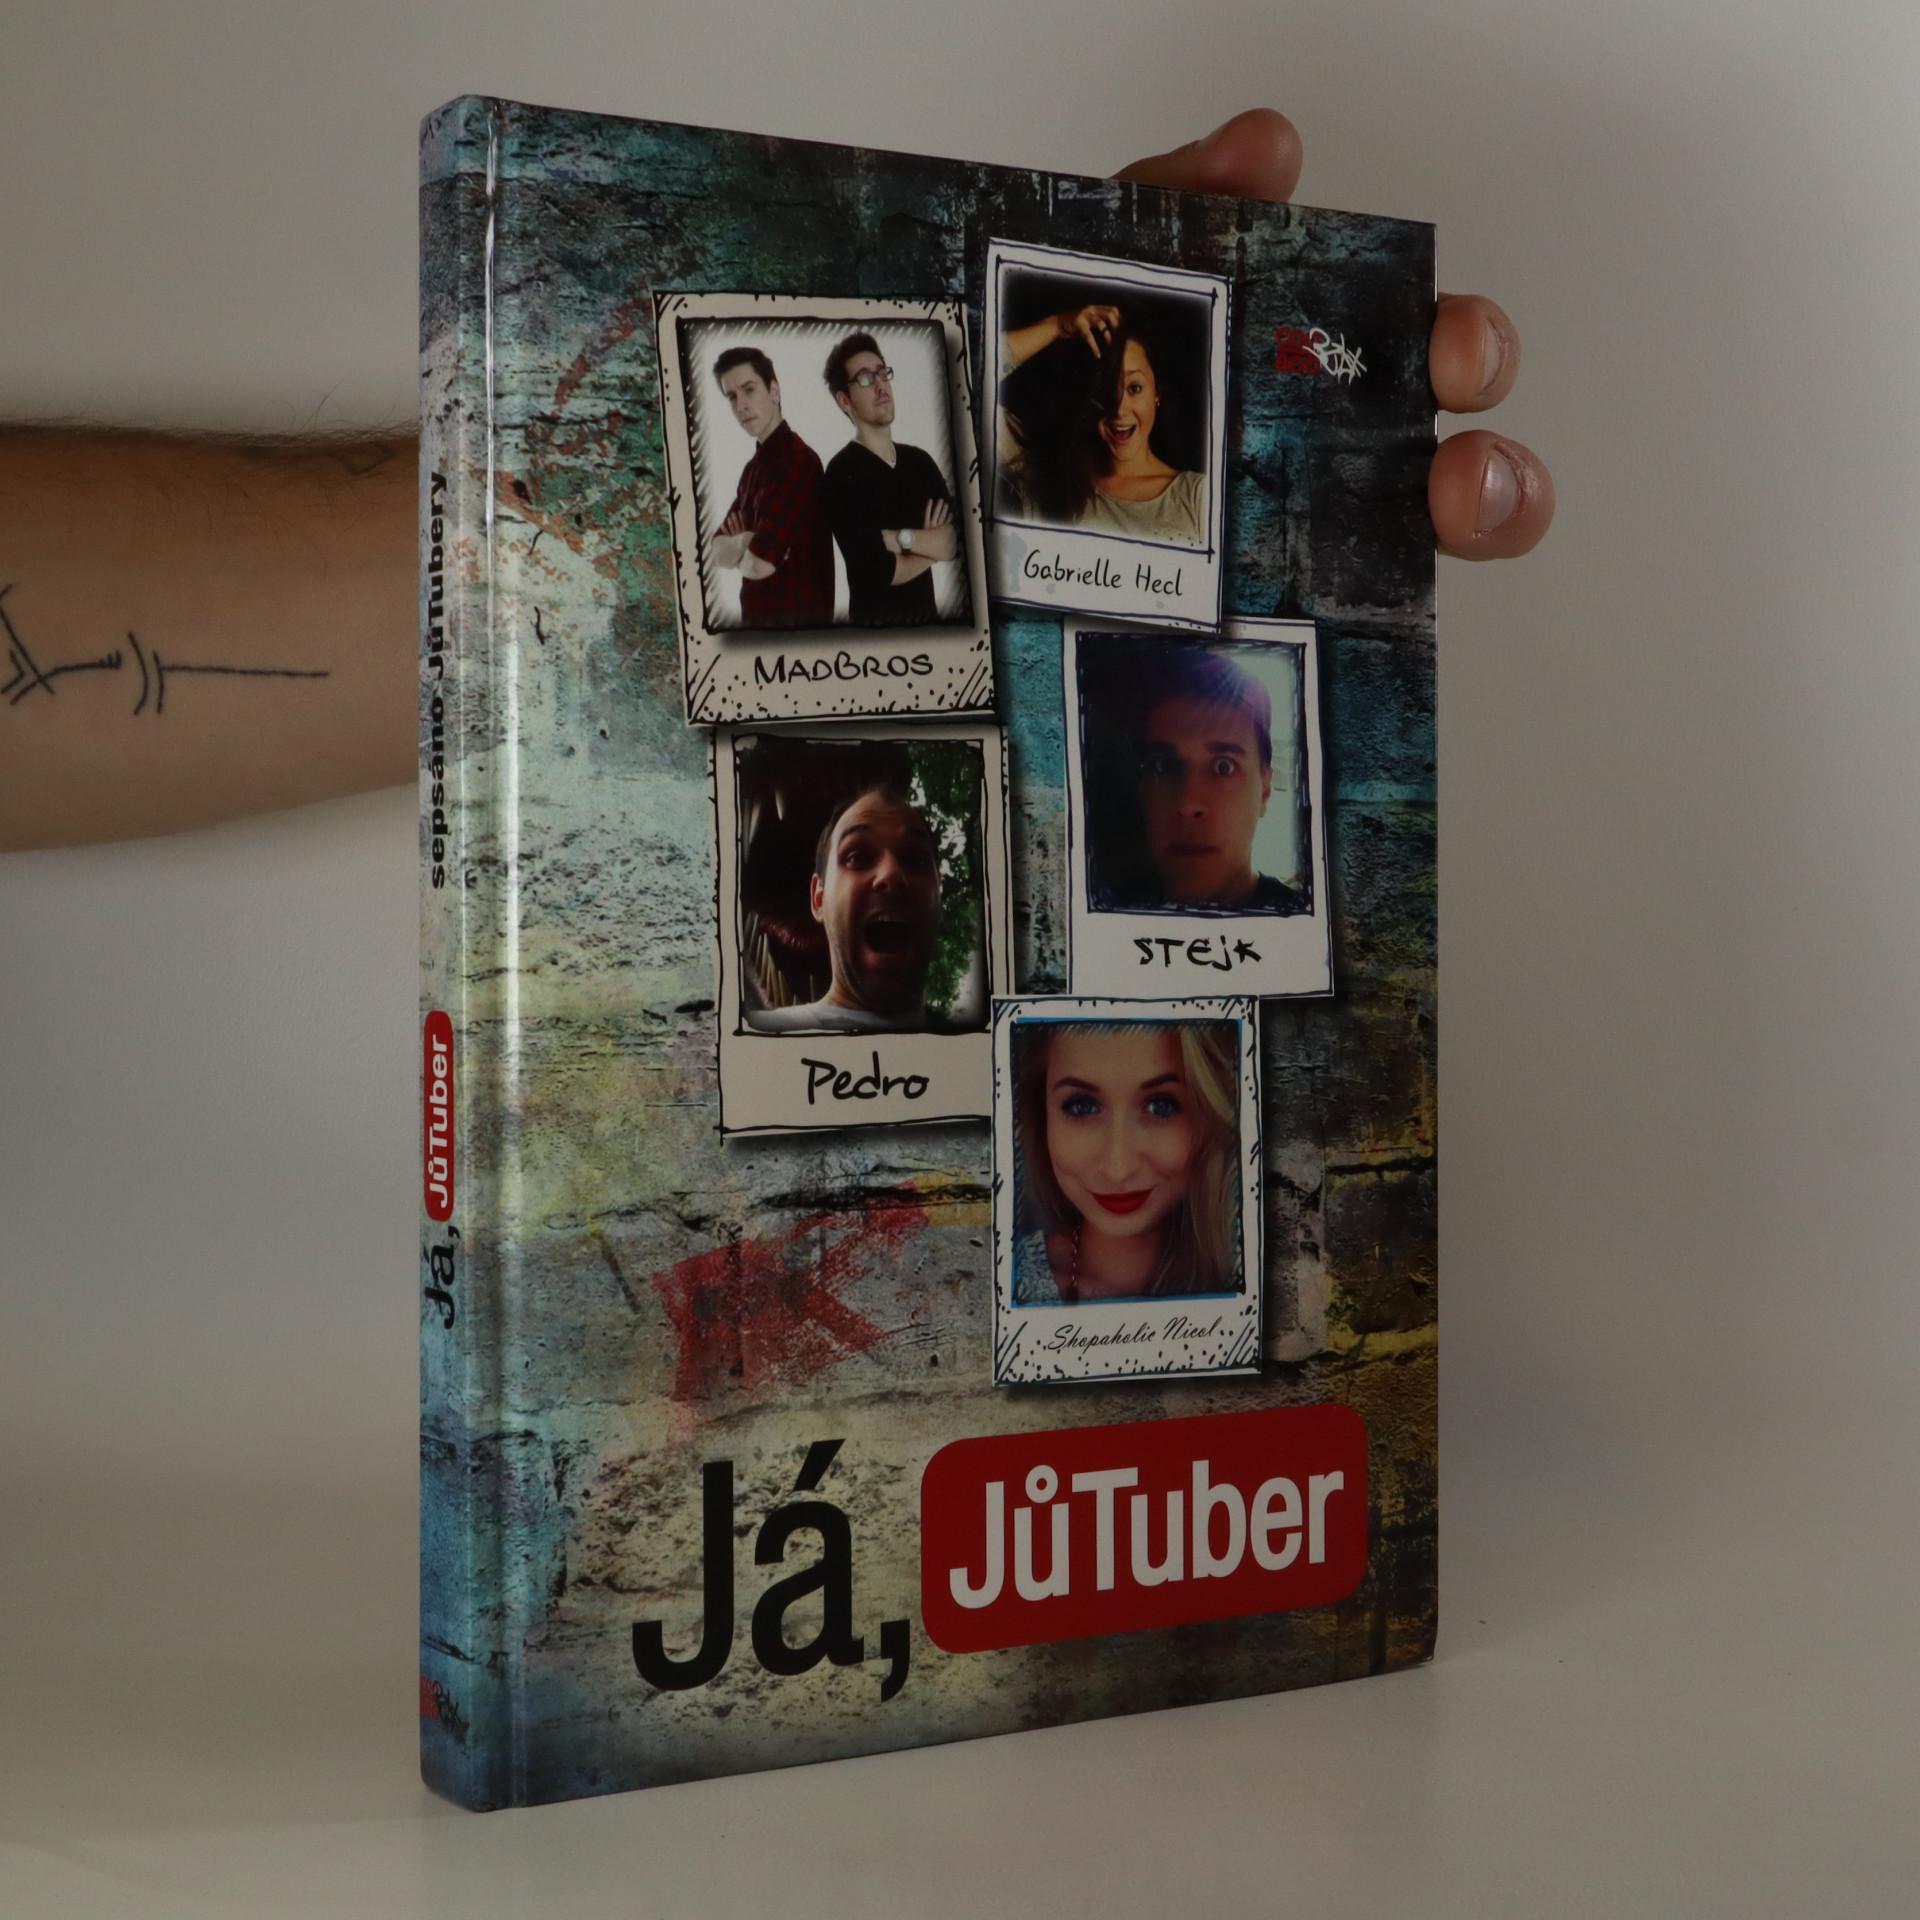 antikvární kniha Já, JůTuber, 2015